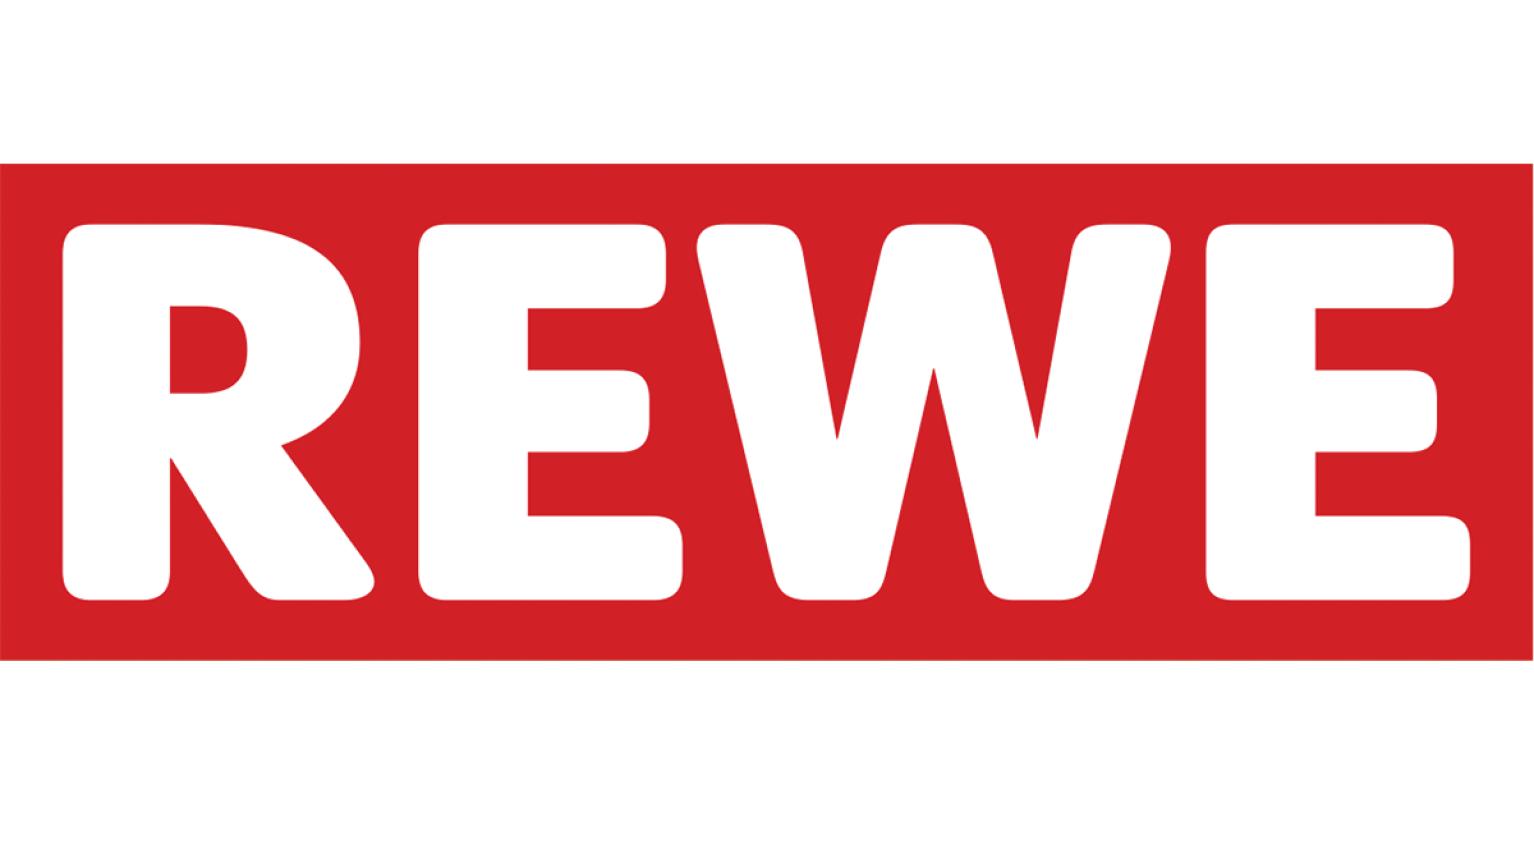 Bildergebnis für logo rewe